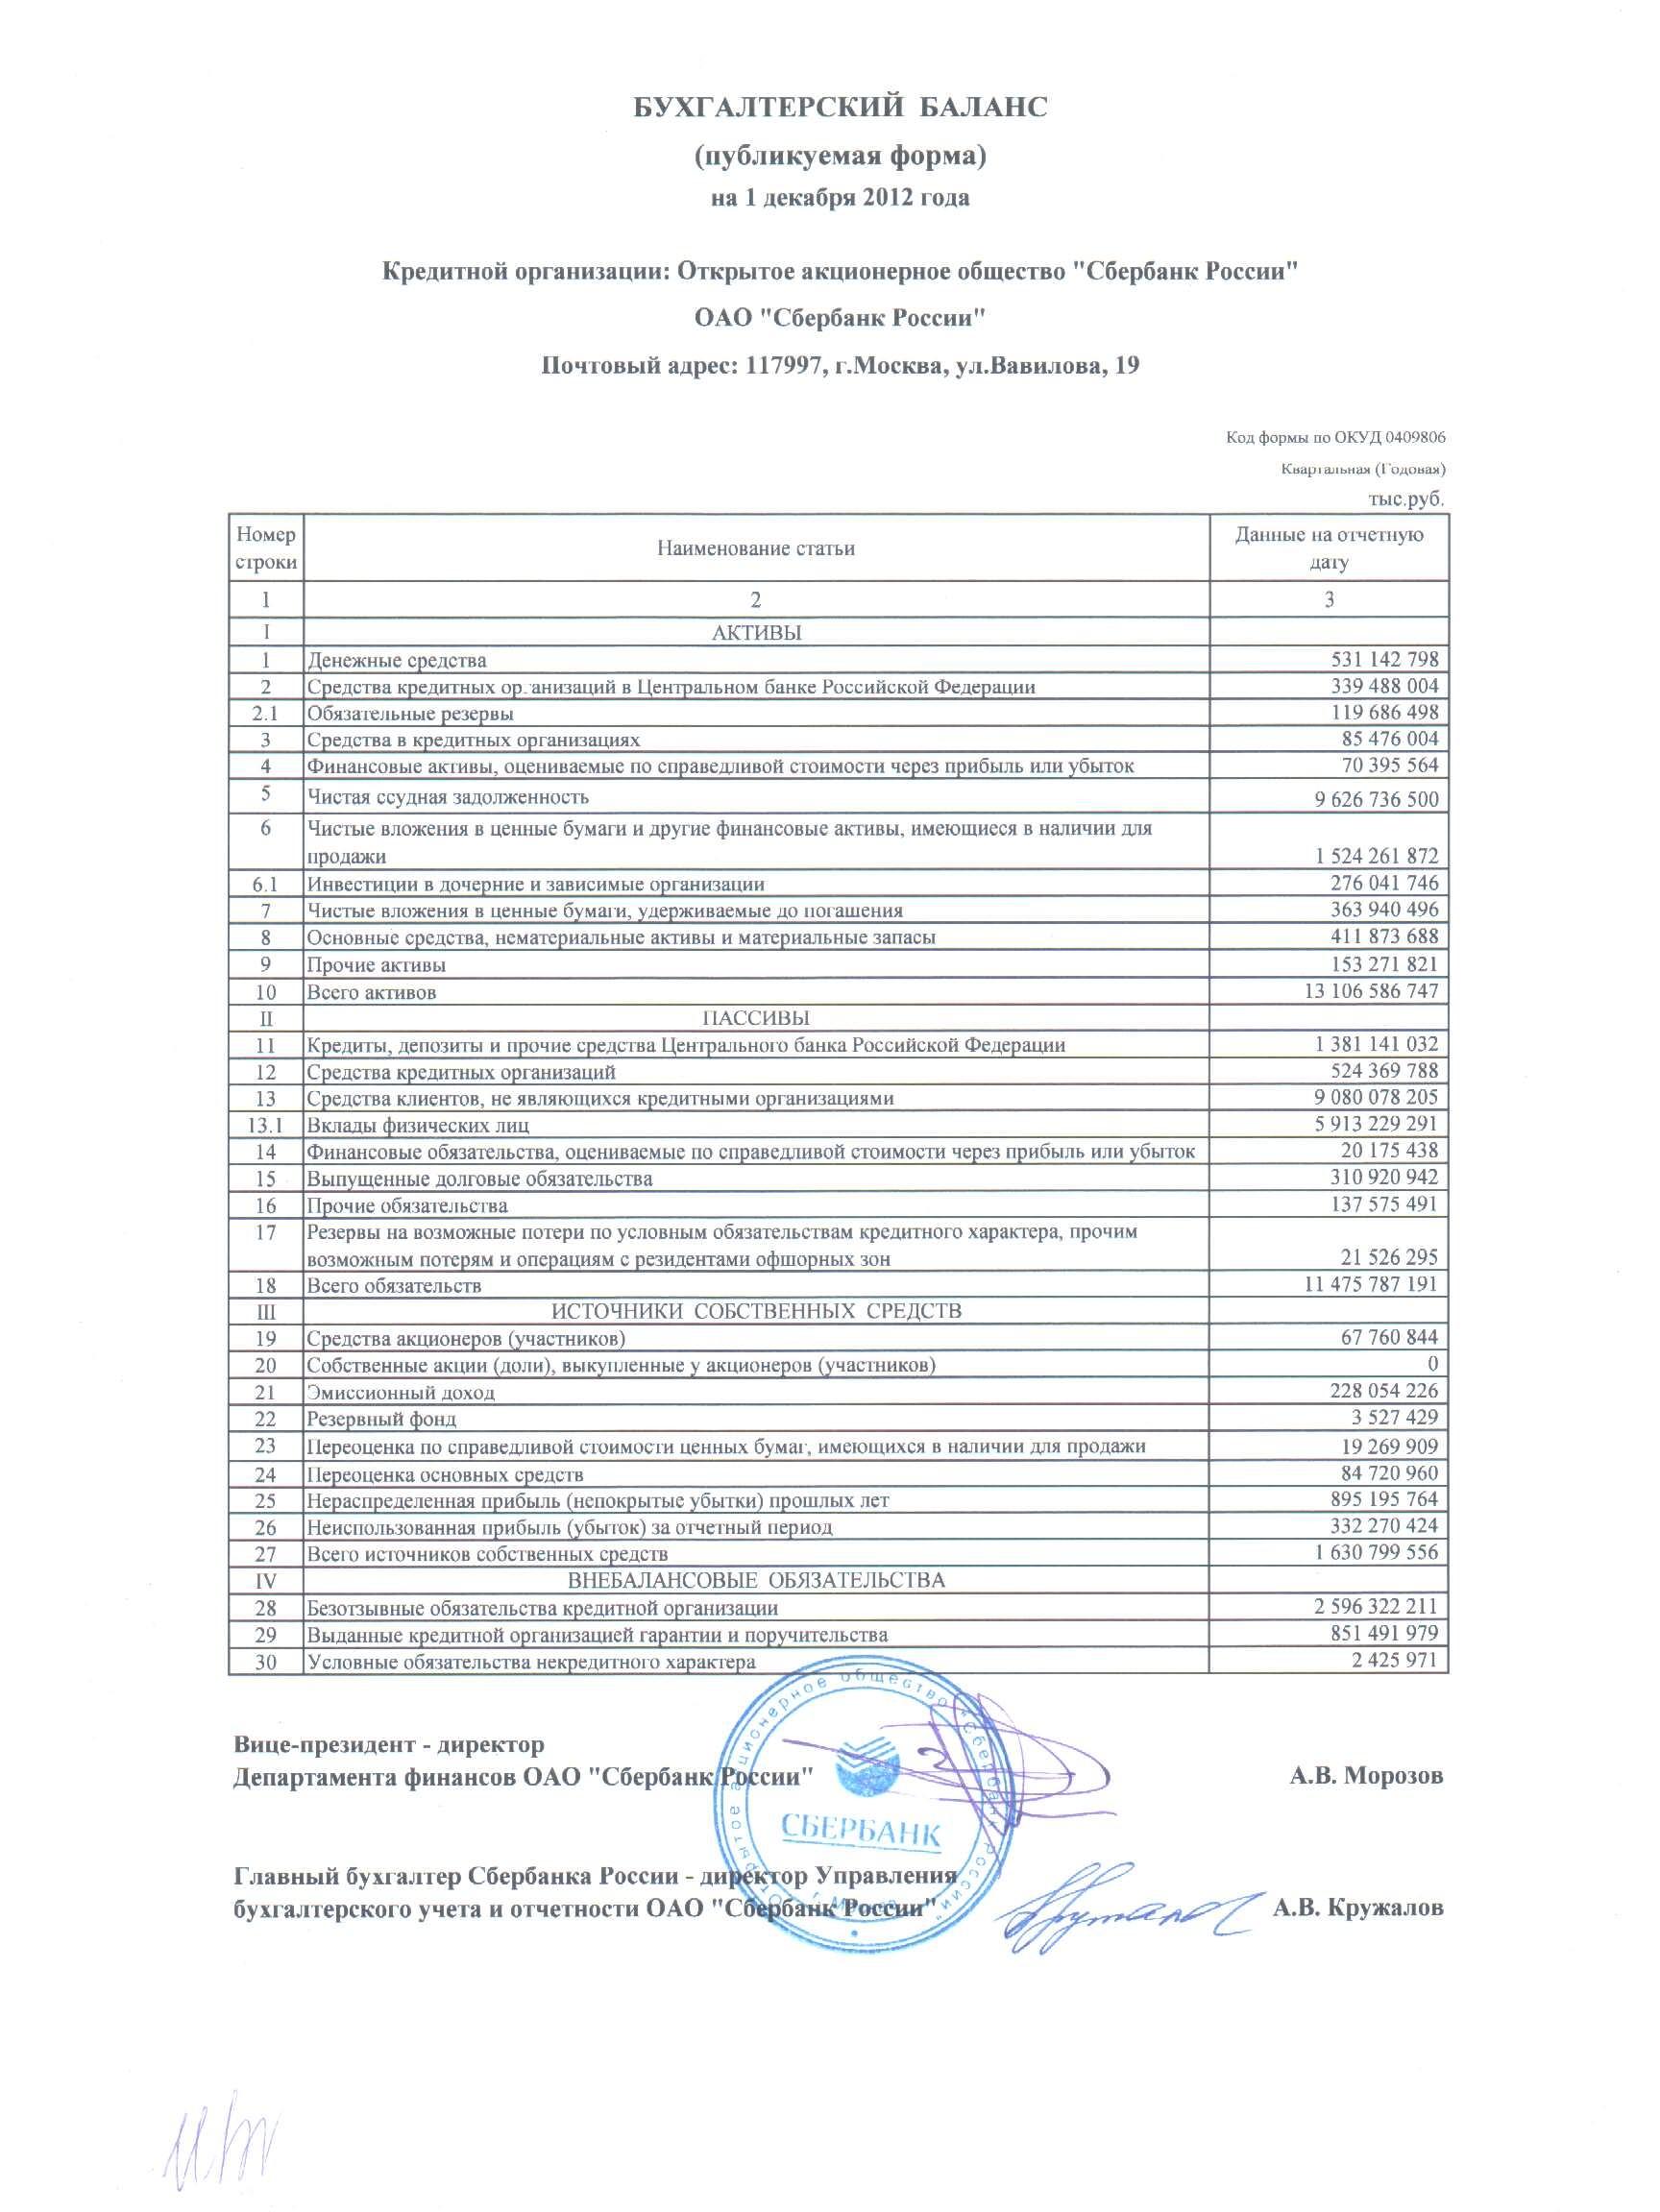 Сбербанк финансовая отчетность обзоры forex